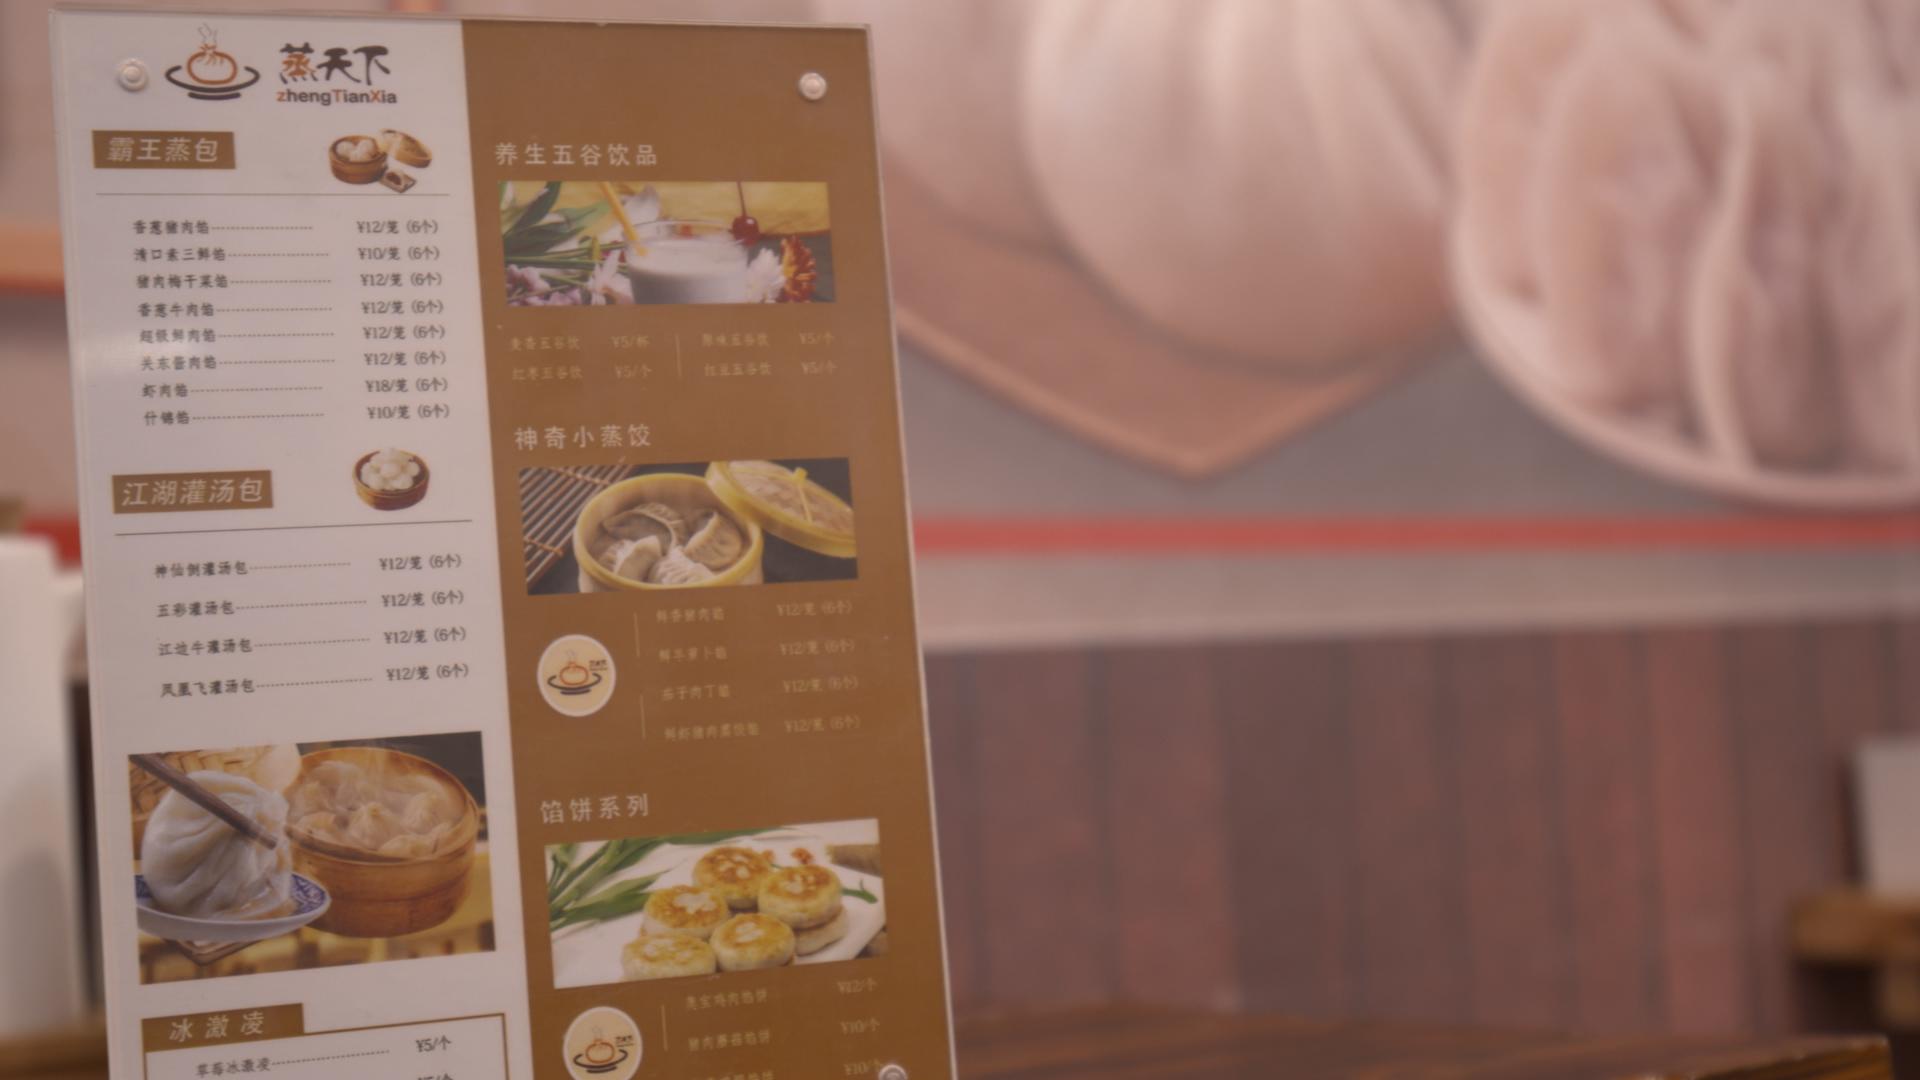 包子店菜单